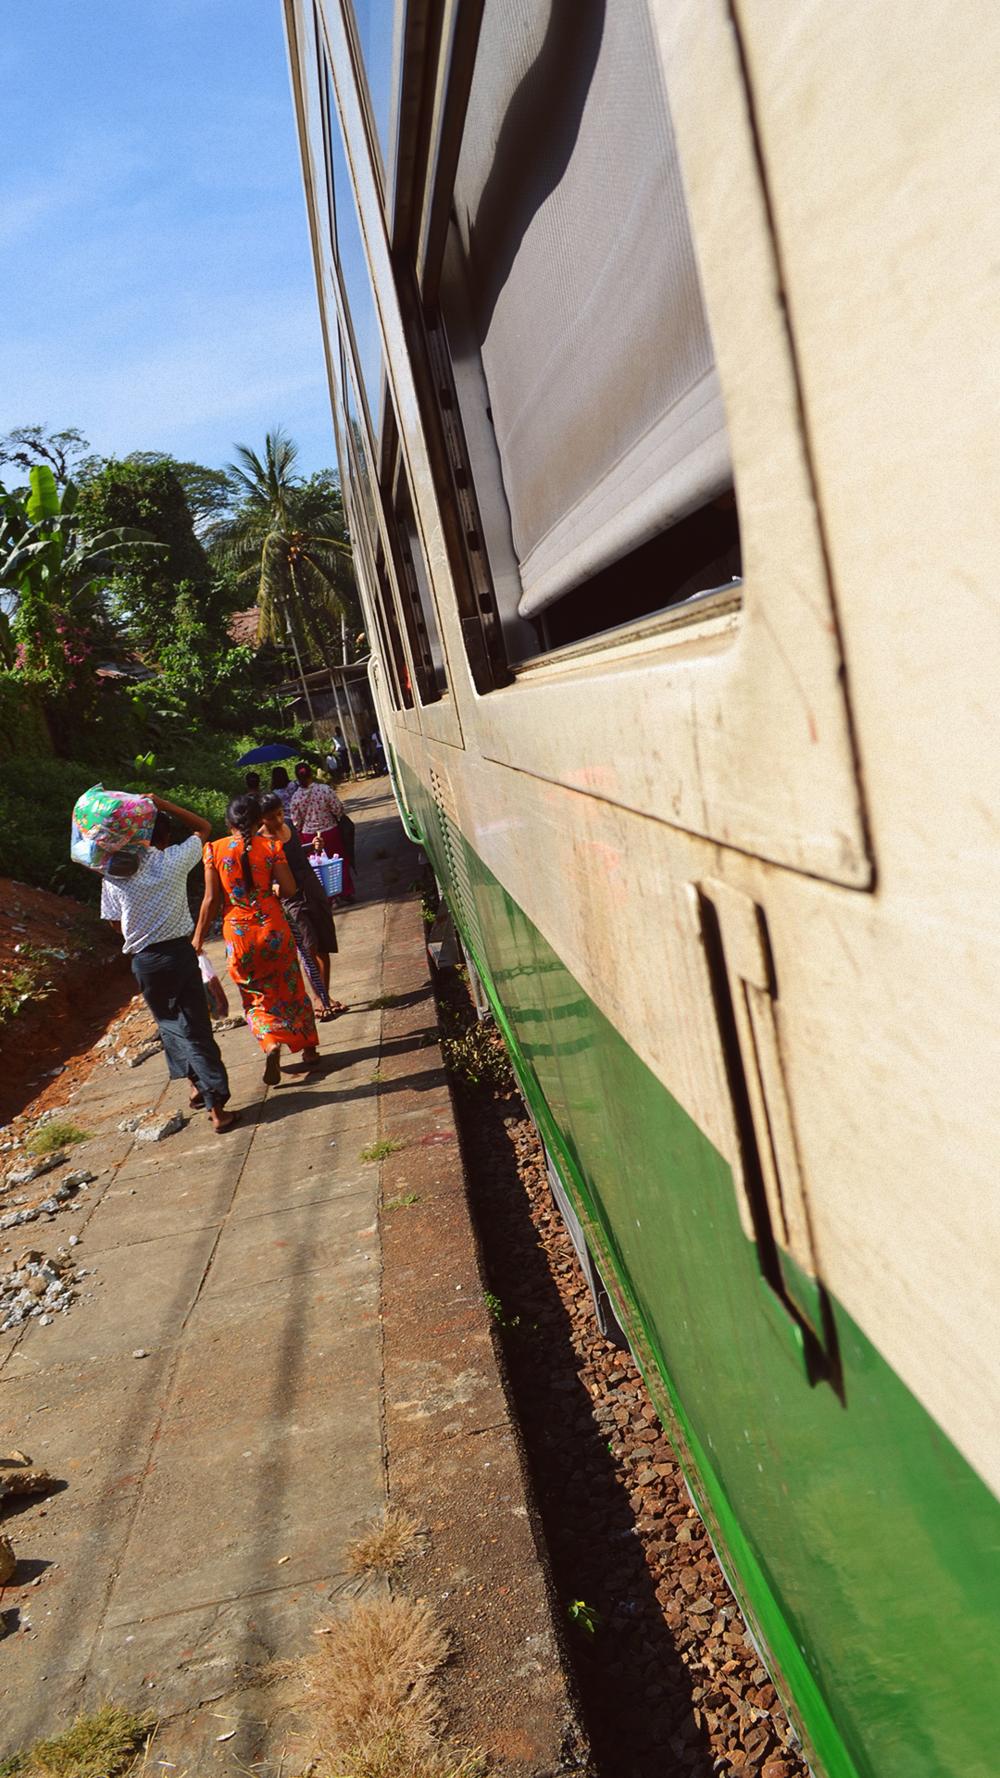 El día a día de Yangon desde la ventana de un vagón.